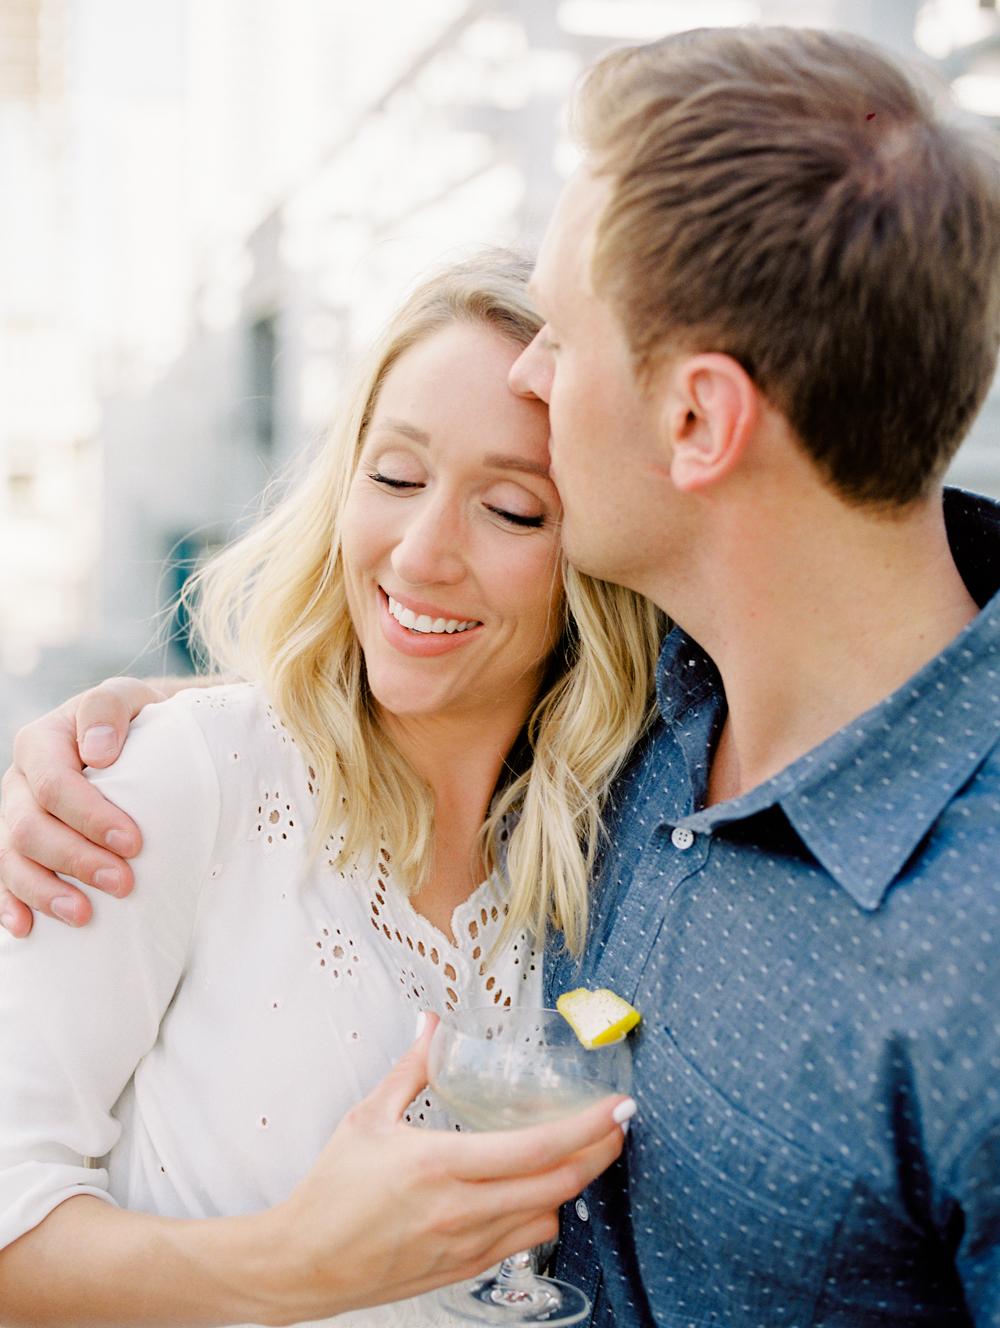 Best-Austin-Denver-California-Wedding-Photographers-fine-art-film-Engagement-Session-94.jpg